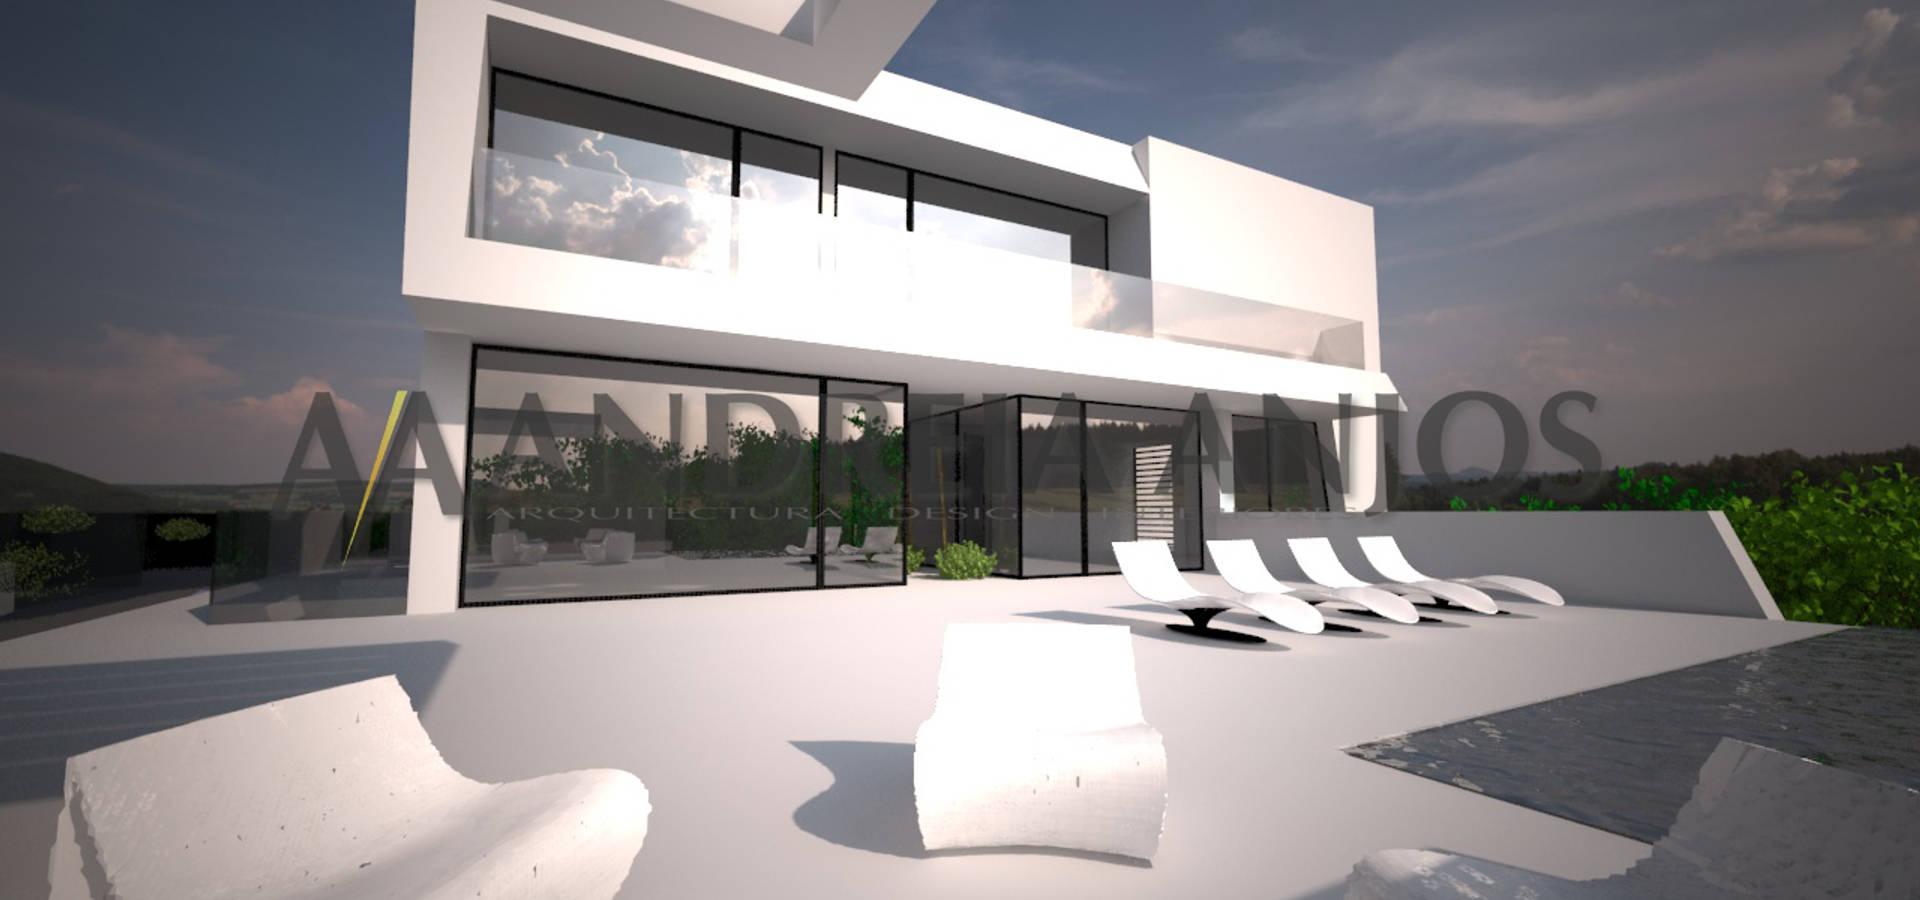 Andreia Anjos – Arquitectura, Design e Construção